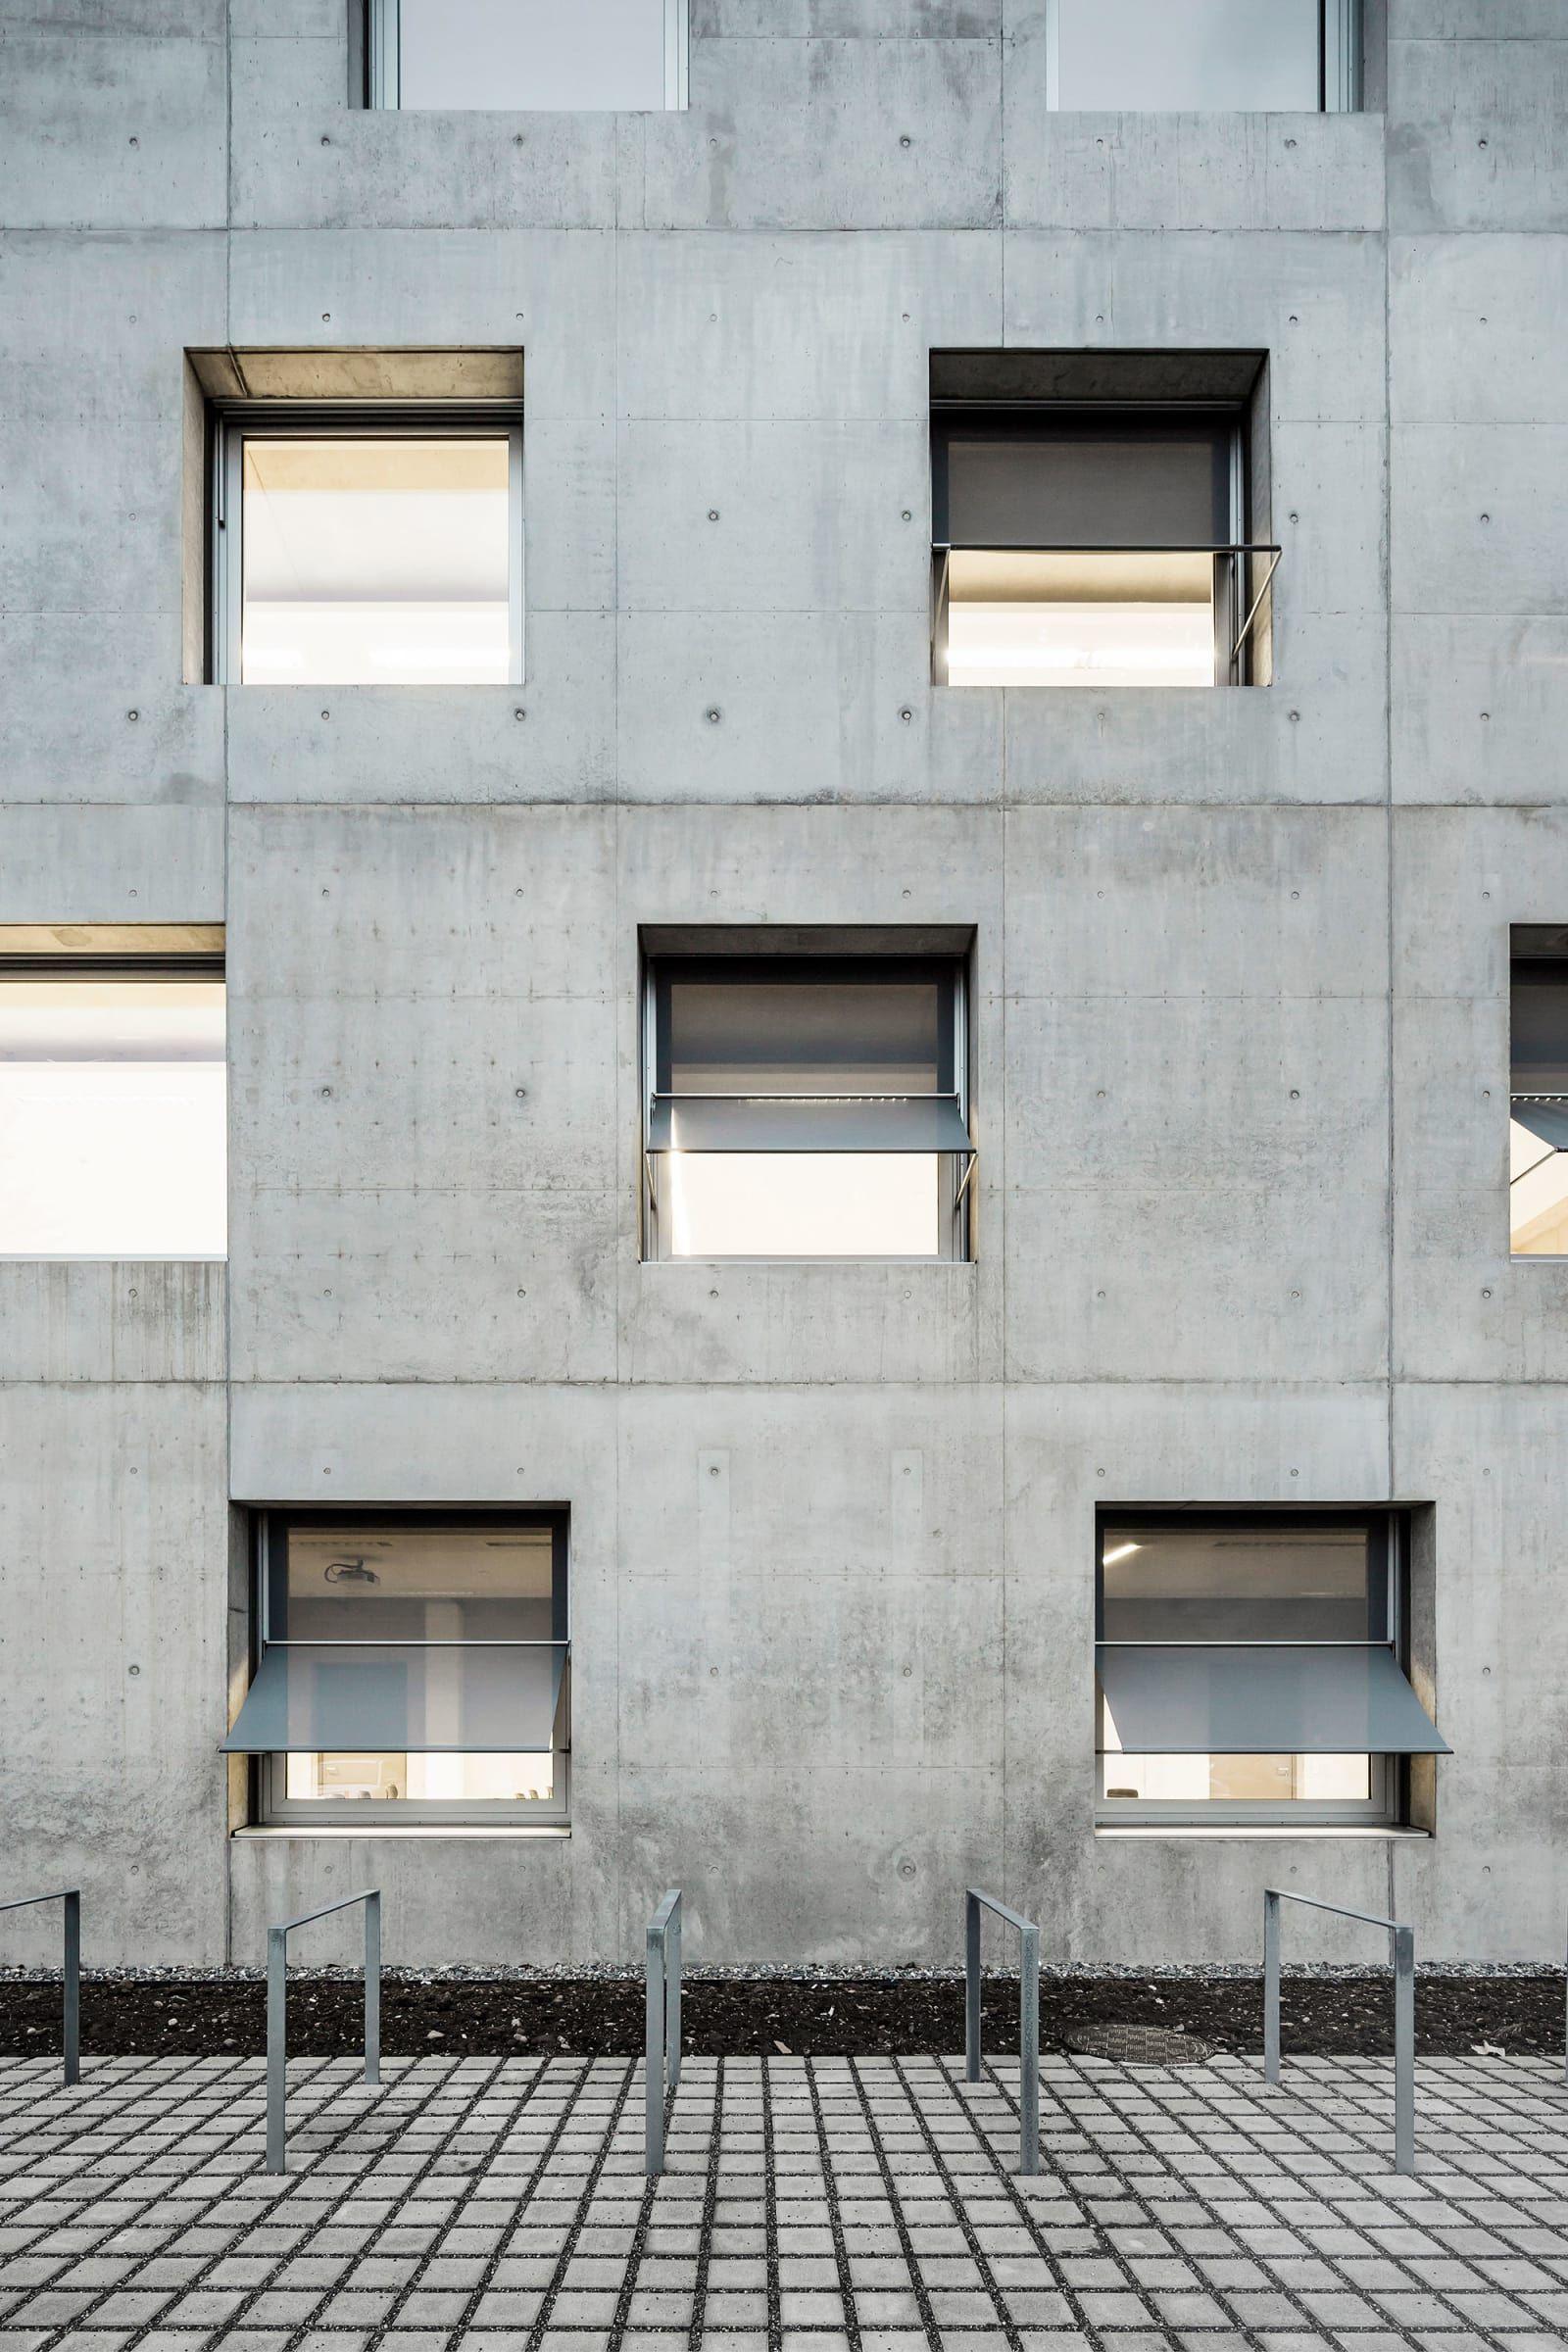 Architekten Konstanz mgf architekten jörg jäger seminar building of applied